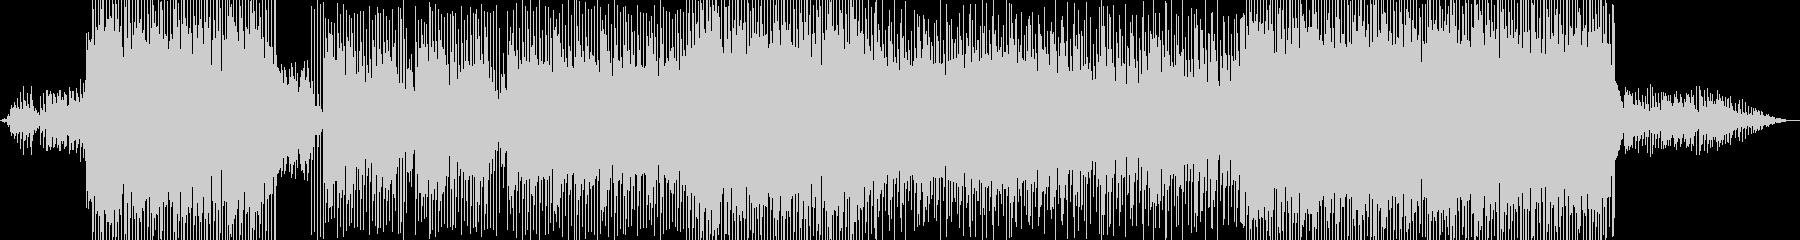 切ないく雰囲気のピアノBGMです。の未再生の波形